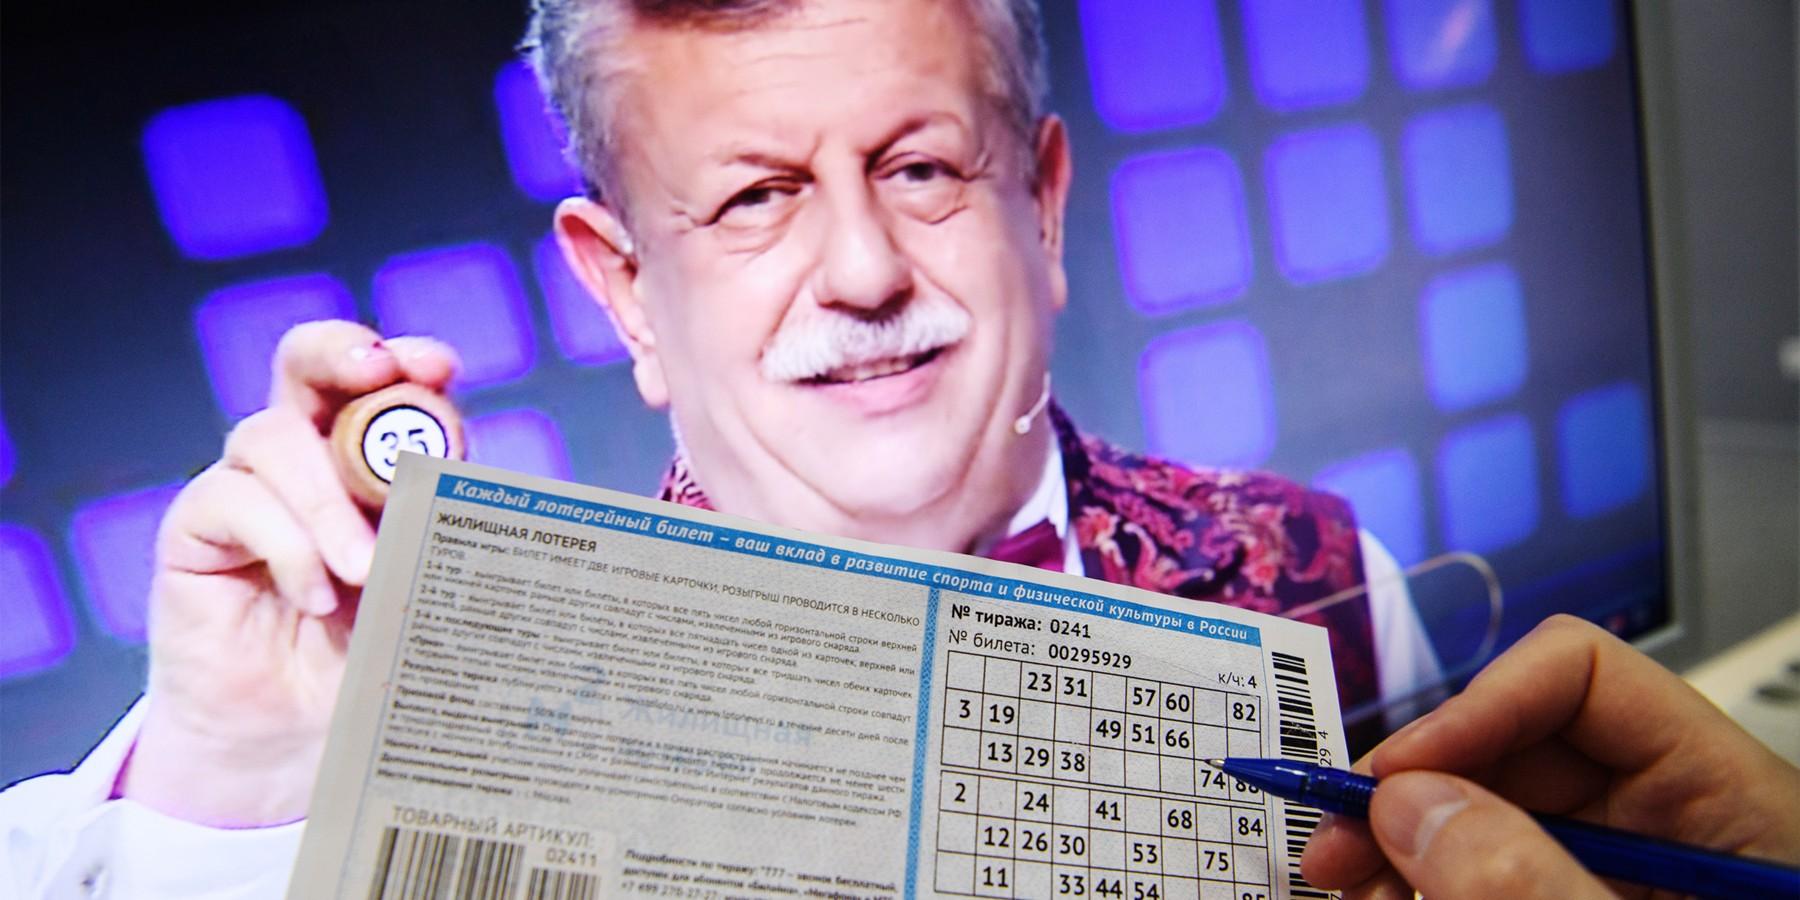 Беспроигрышные лотереи в интернете — топ-16 без вложений